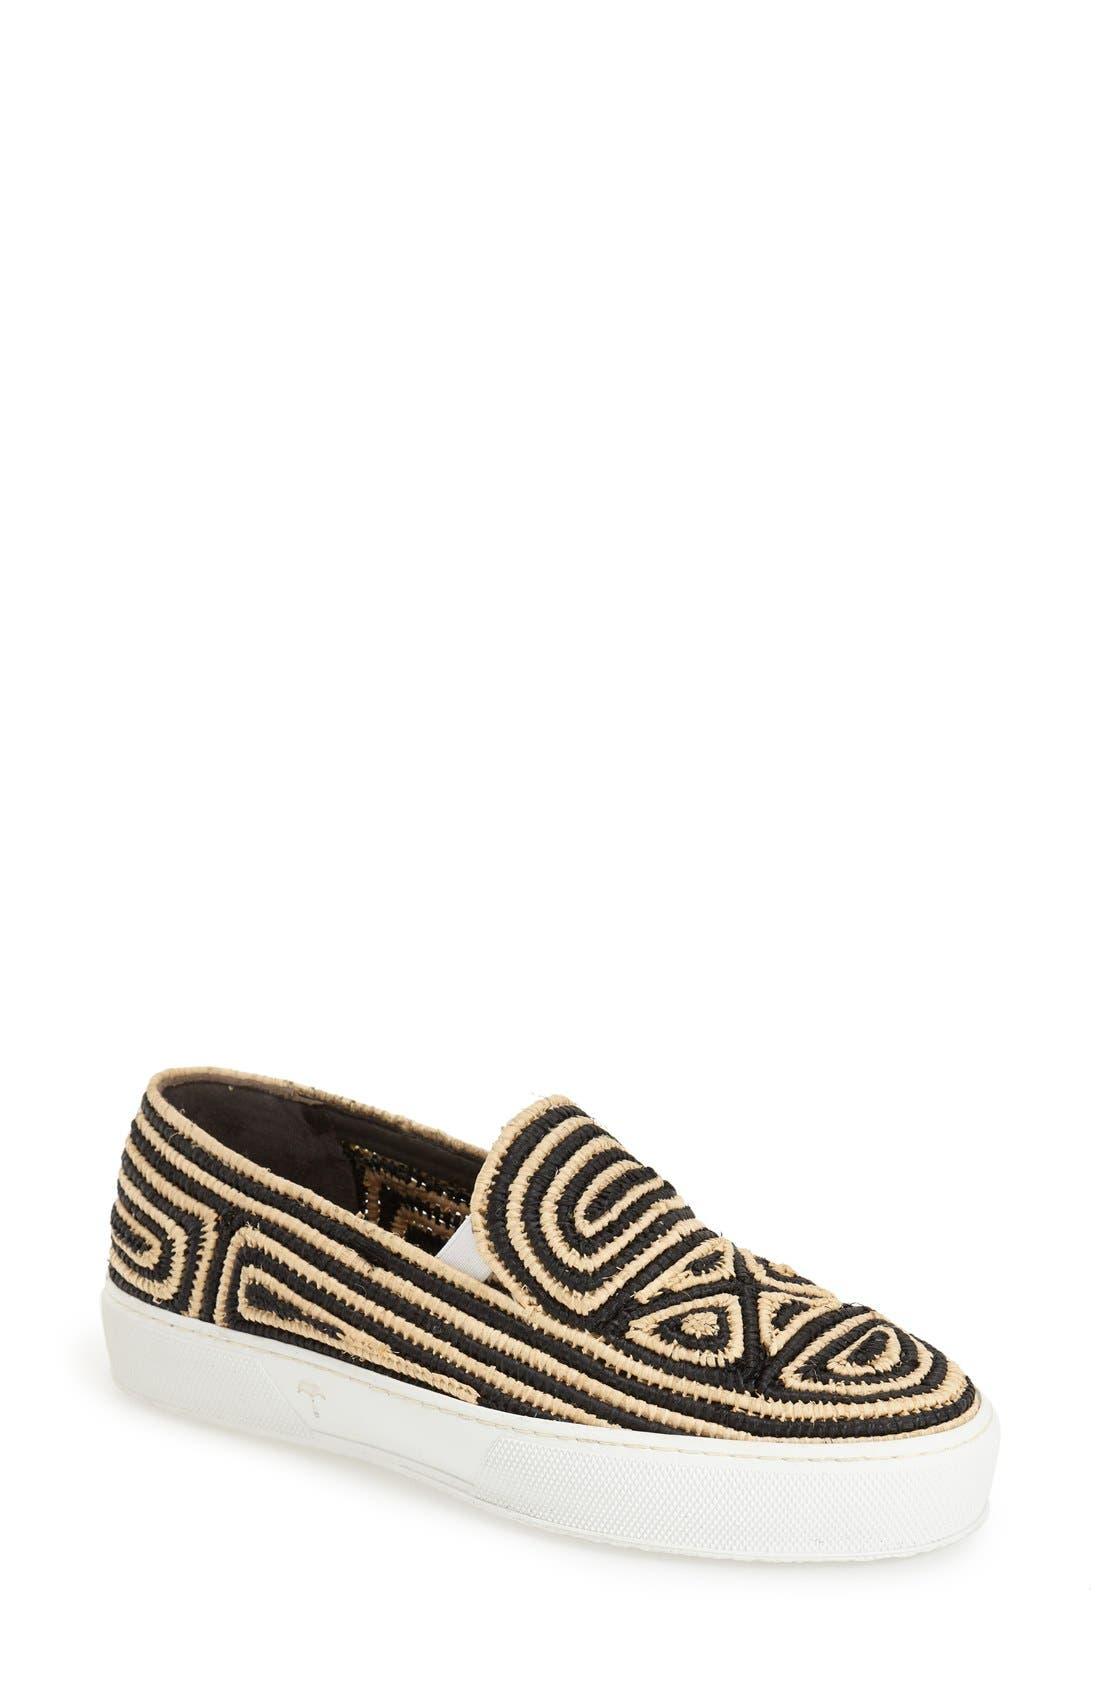 Alternate Image 1 Selected - Robert Clergerie Woven Slip-On Sneaker (Women)